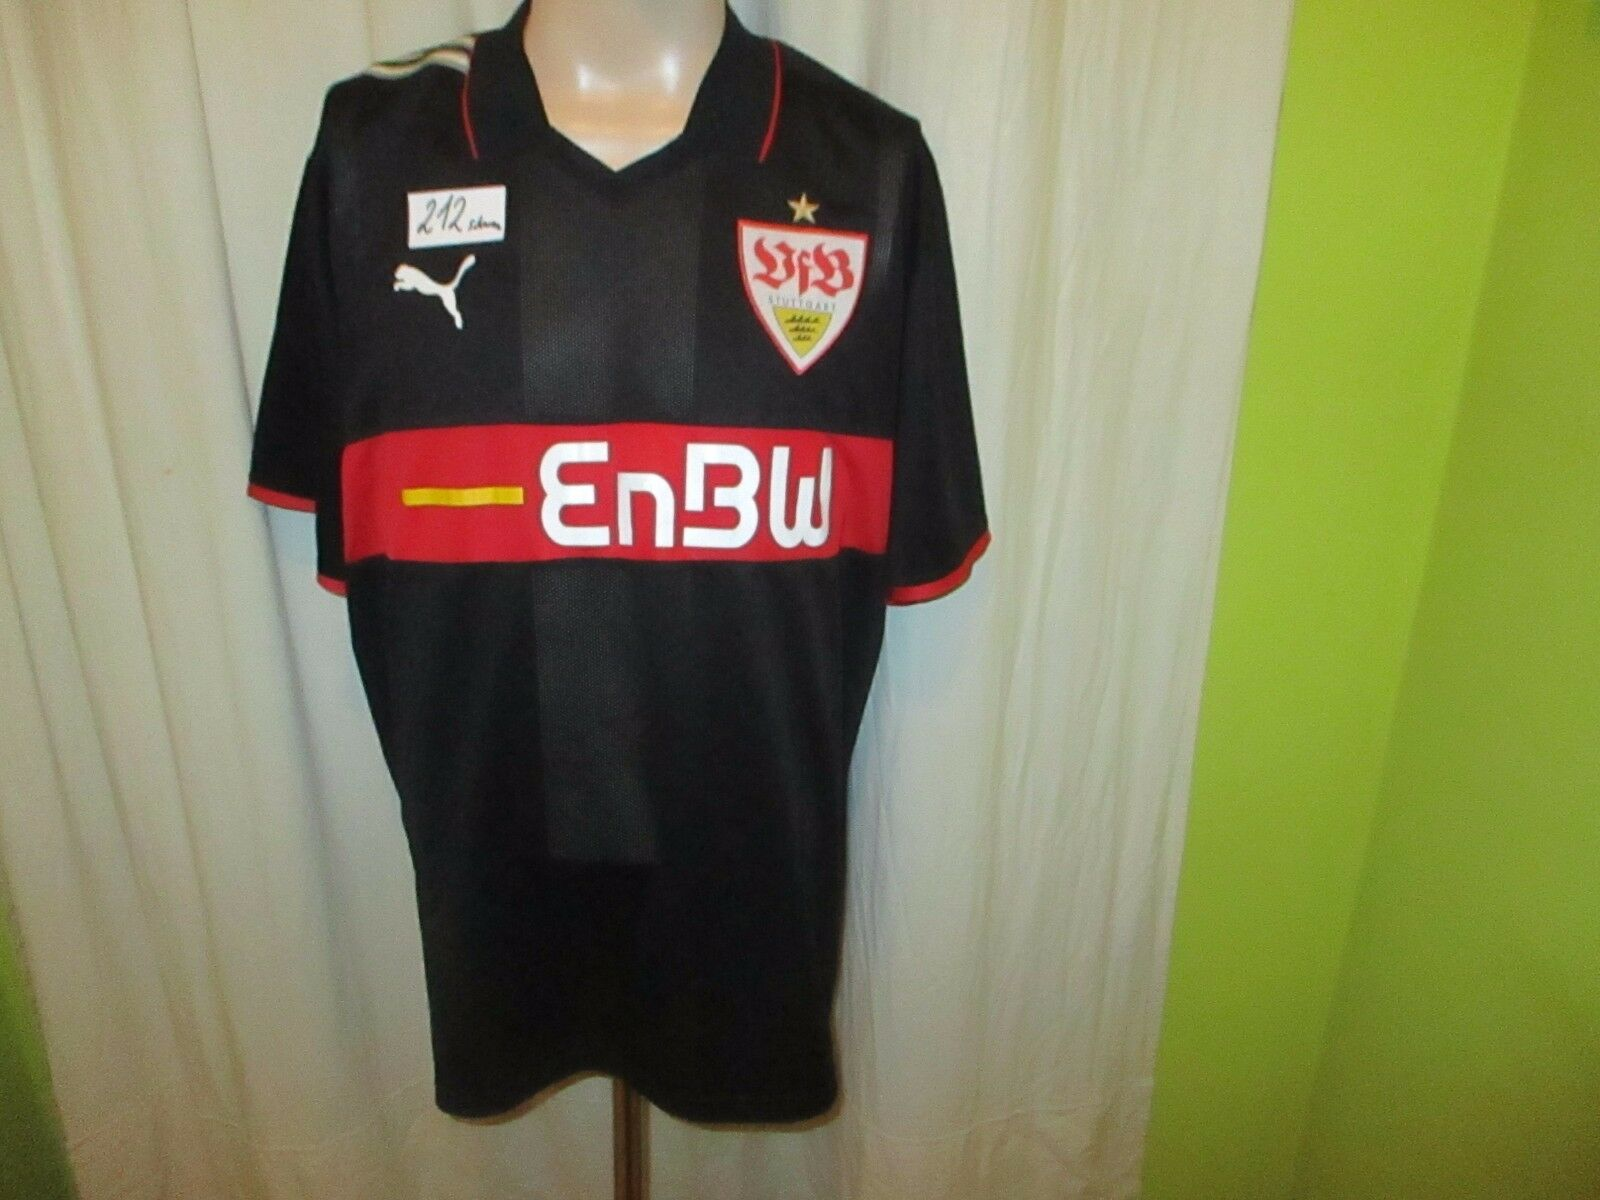 VfB Stuttgart Original Puma Ausweich Trikot 2009 10  EnBW  Gr.XXXL TOP  | Neuer Eintrag